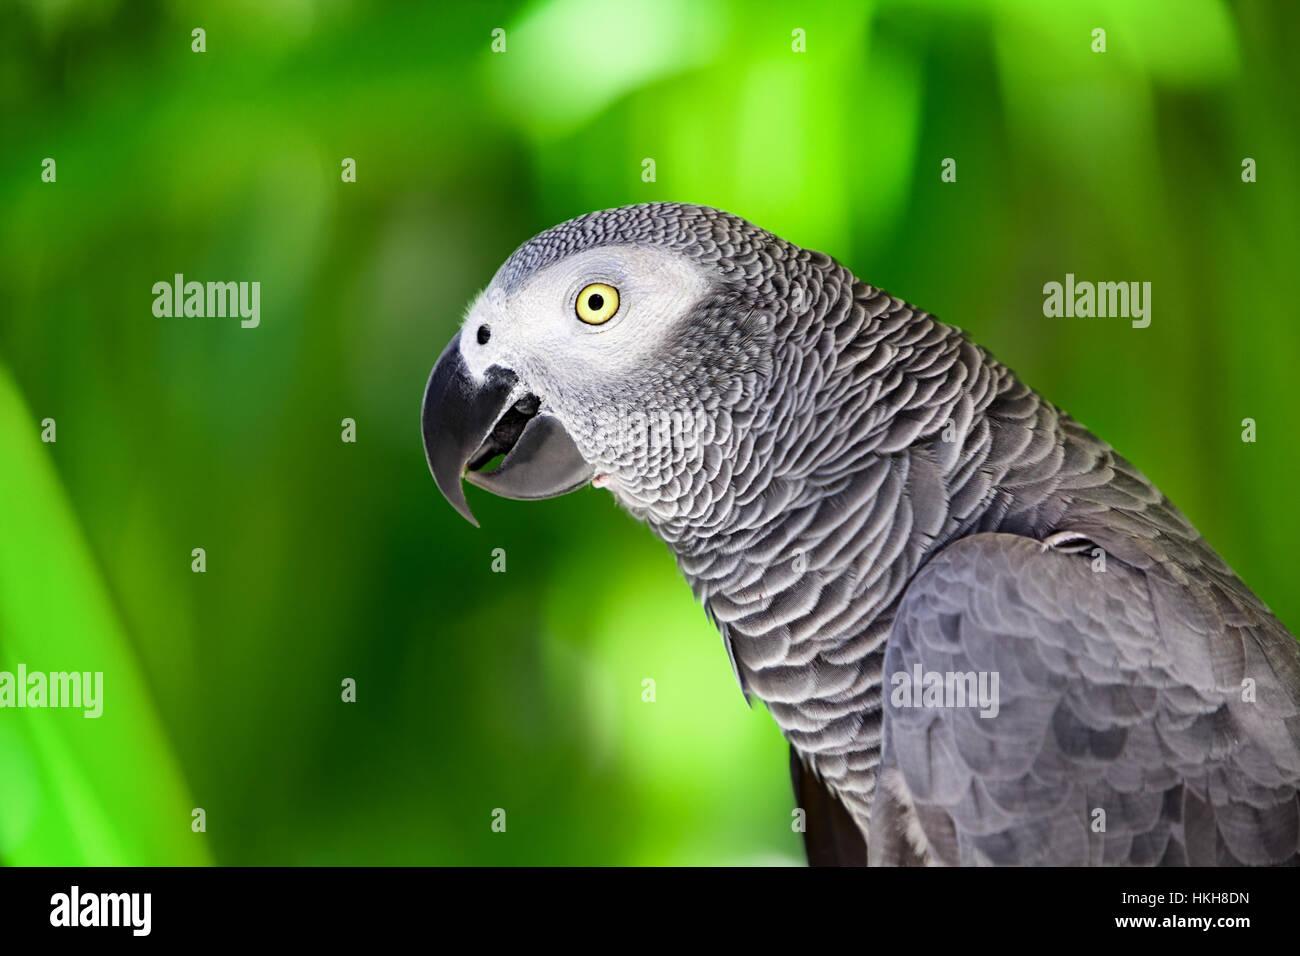 Perroquet gris d'Afrique contre la jungle. Perroquet gris sauvage tête sur fond vert. La faune et les oiseaux Photo Stock